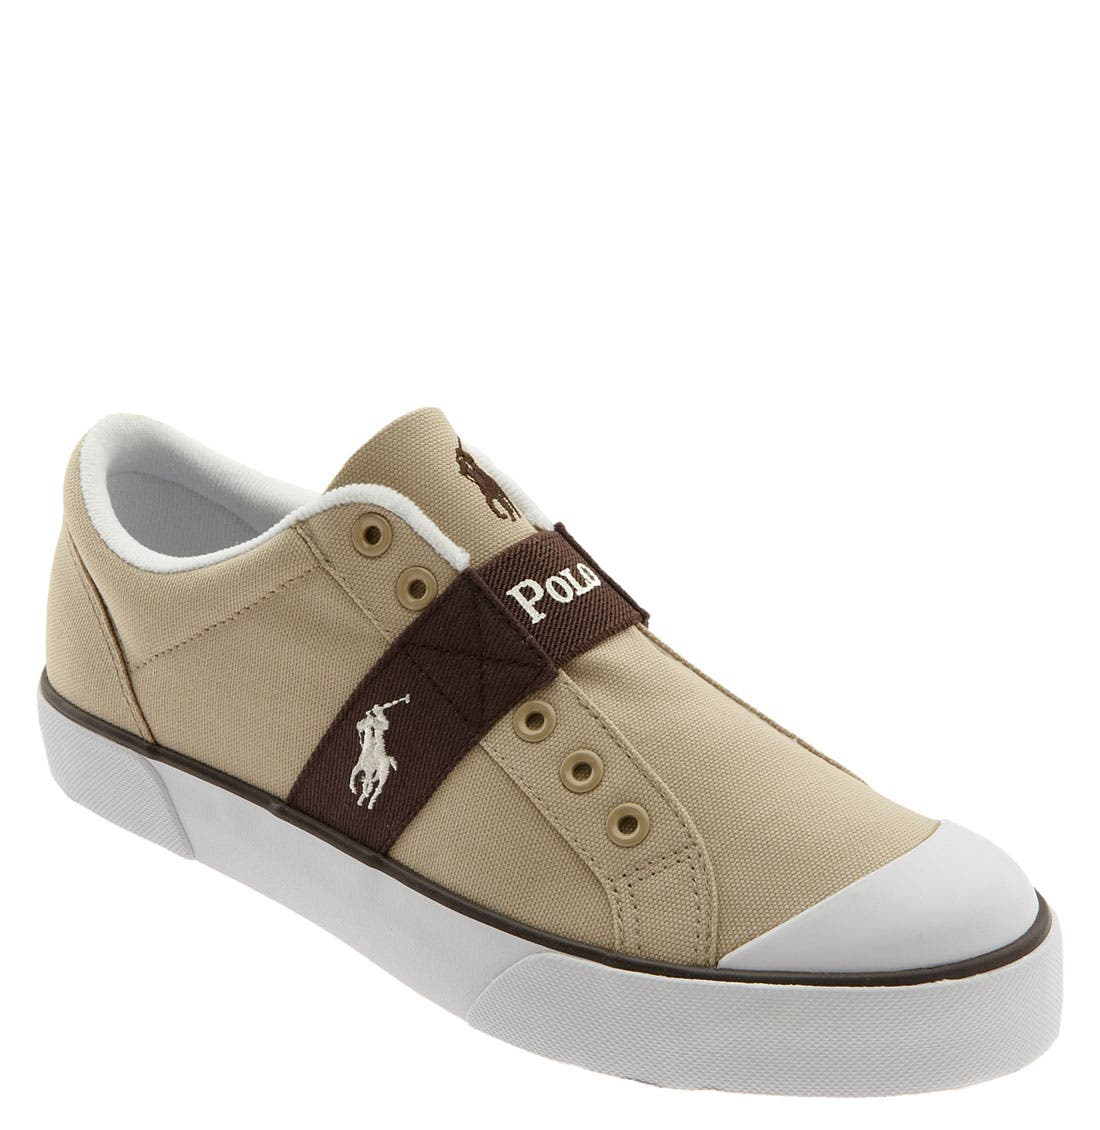 Main Image - Polo Ralph Lauren 'Gardener' Slip-On Sneaker